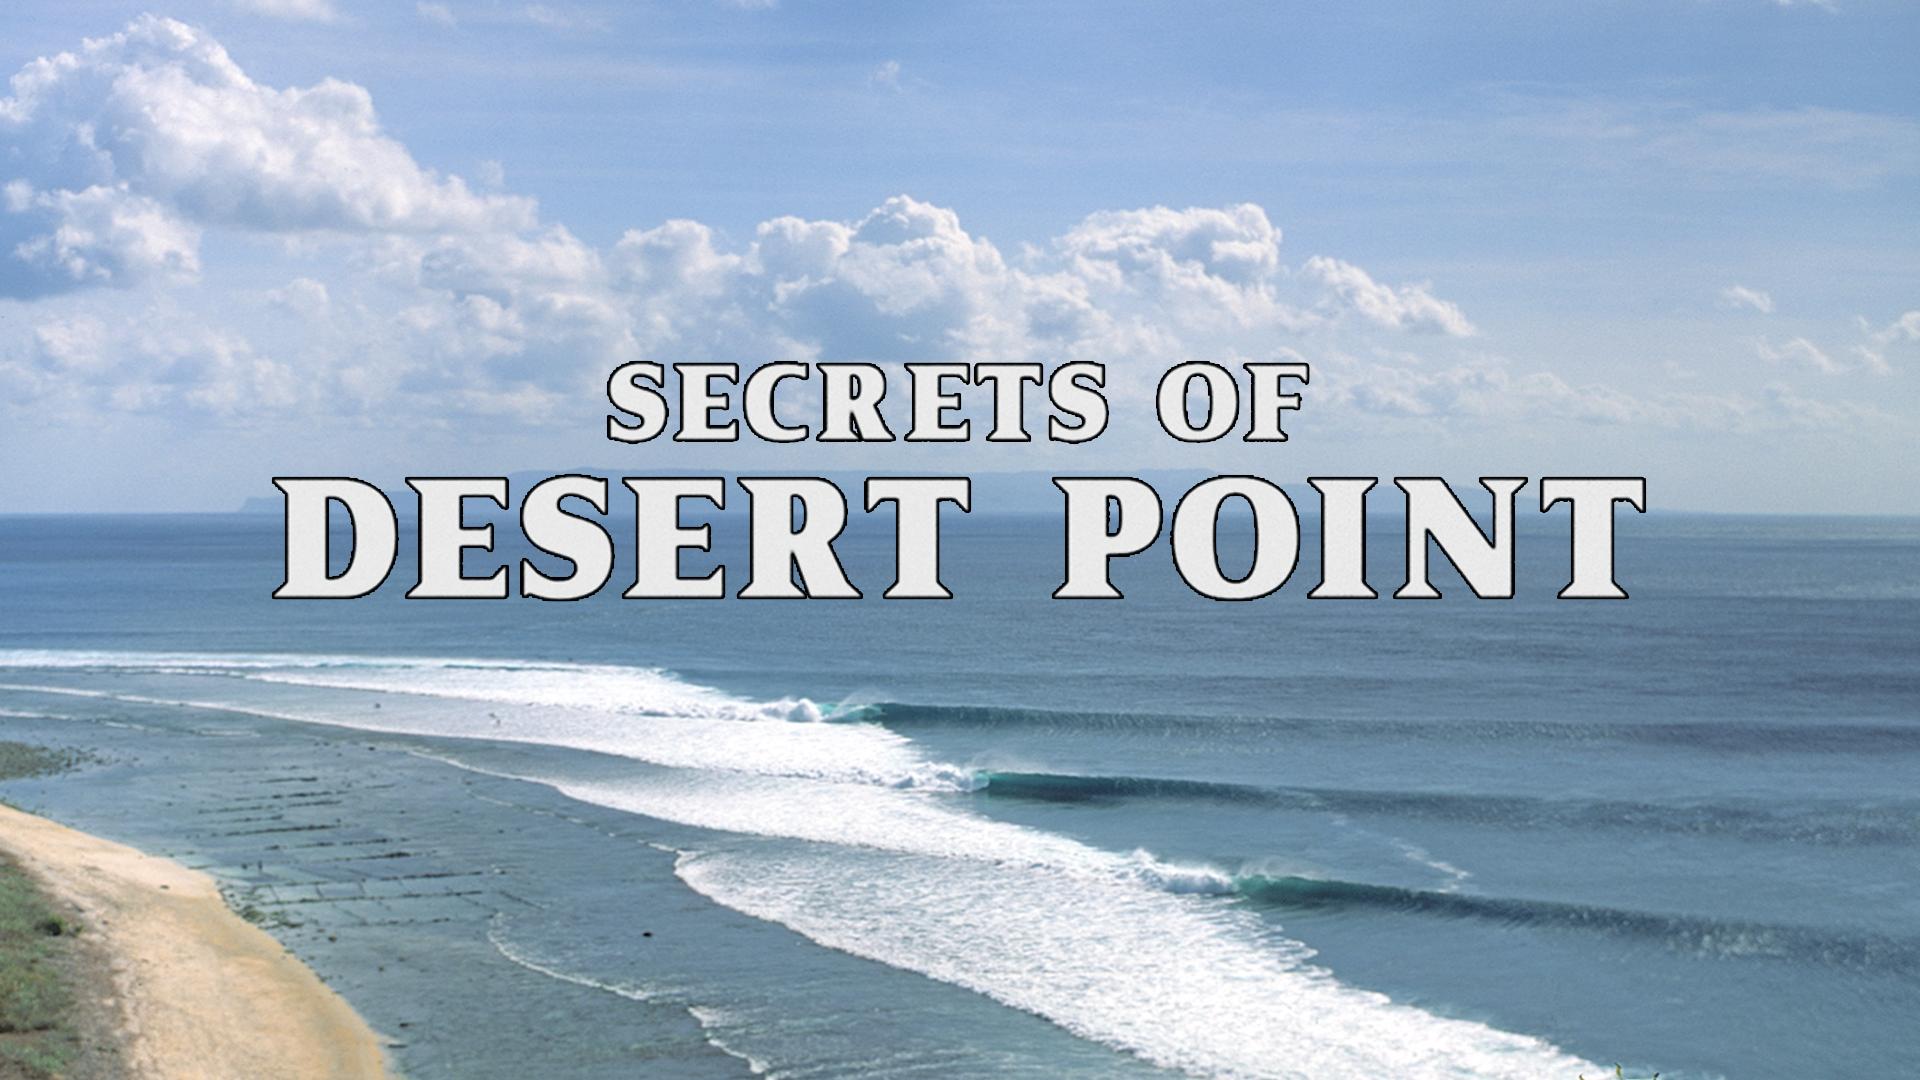 Secrets of Desert Point